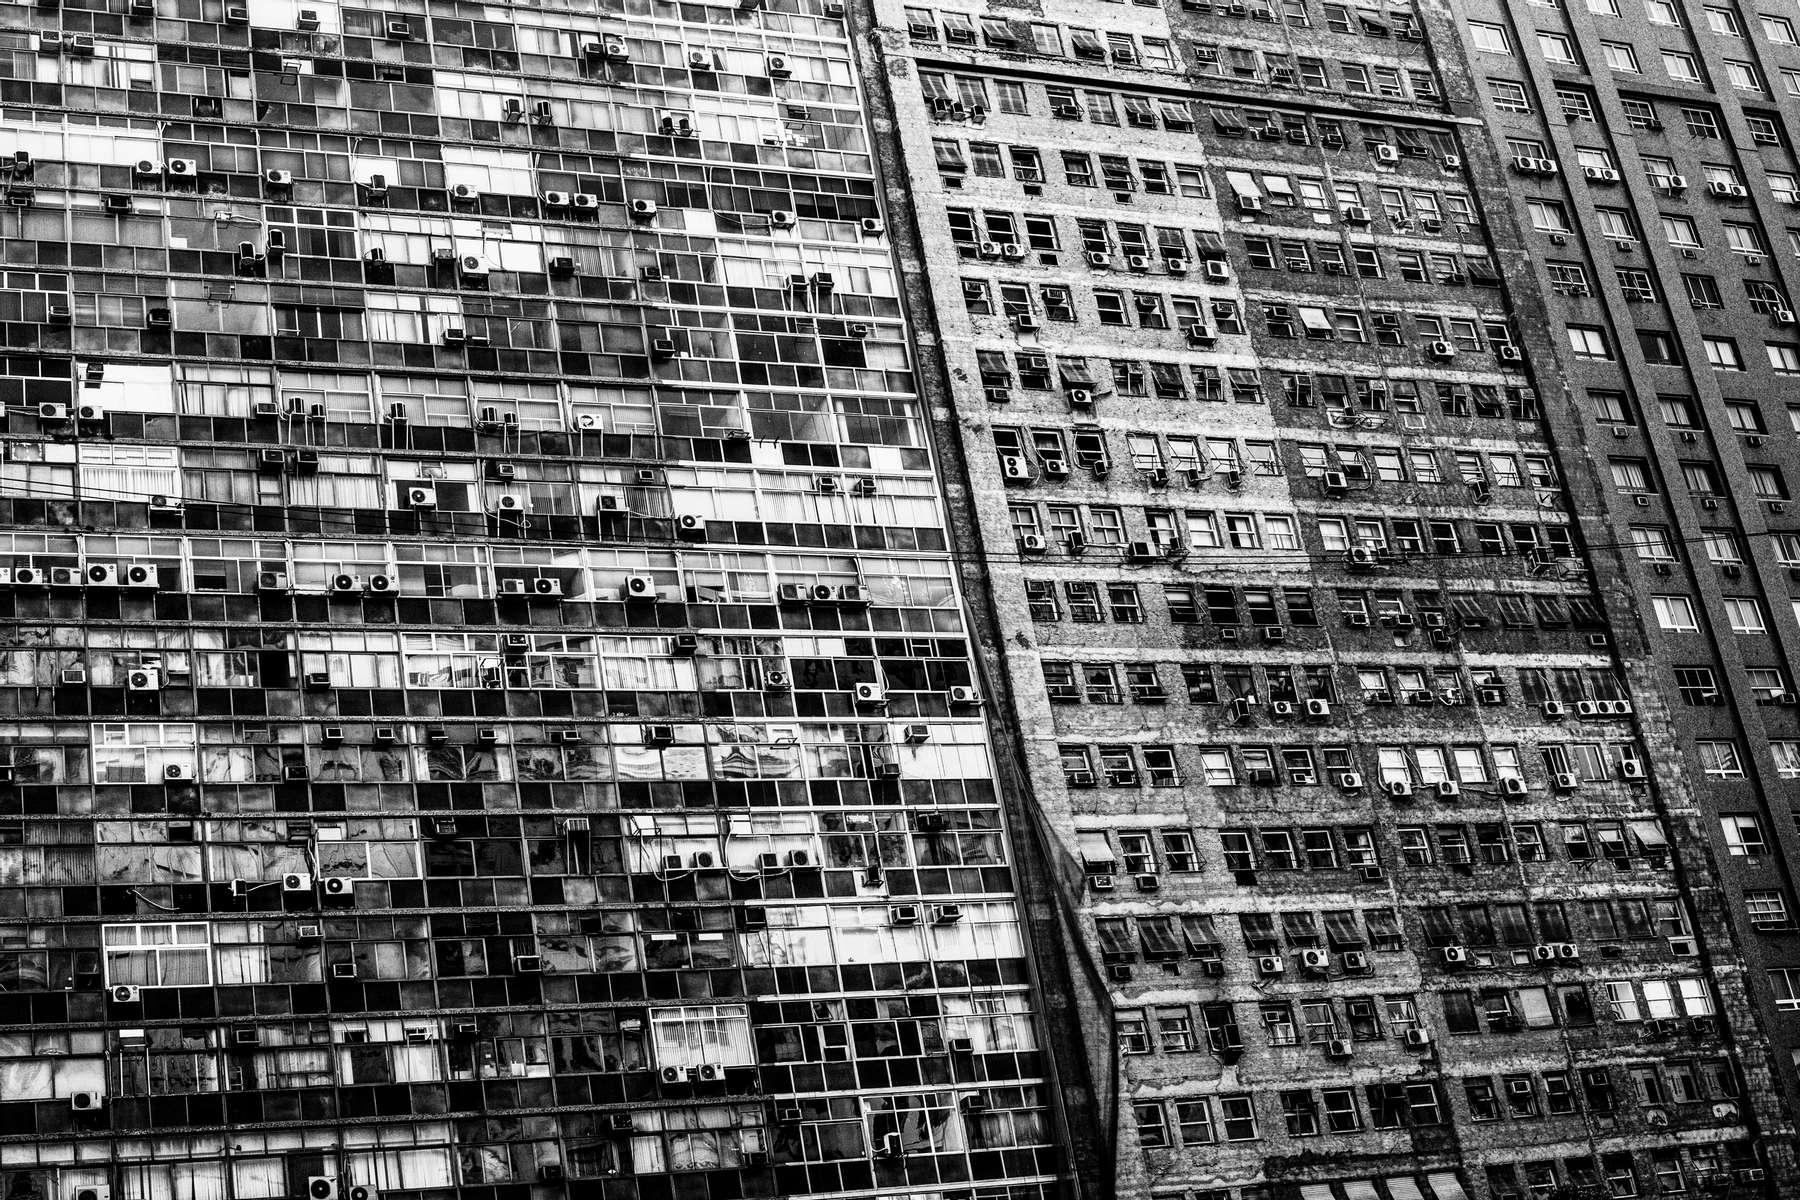 La fachada de un edificio de apartamentos en el centro de Río de Janeiro, Brasil, 5 de junio de 2016.